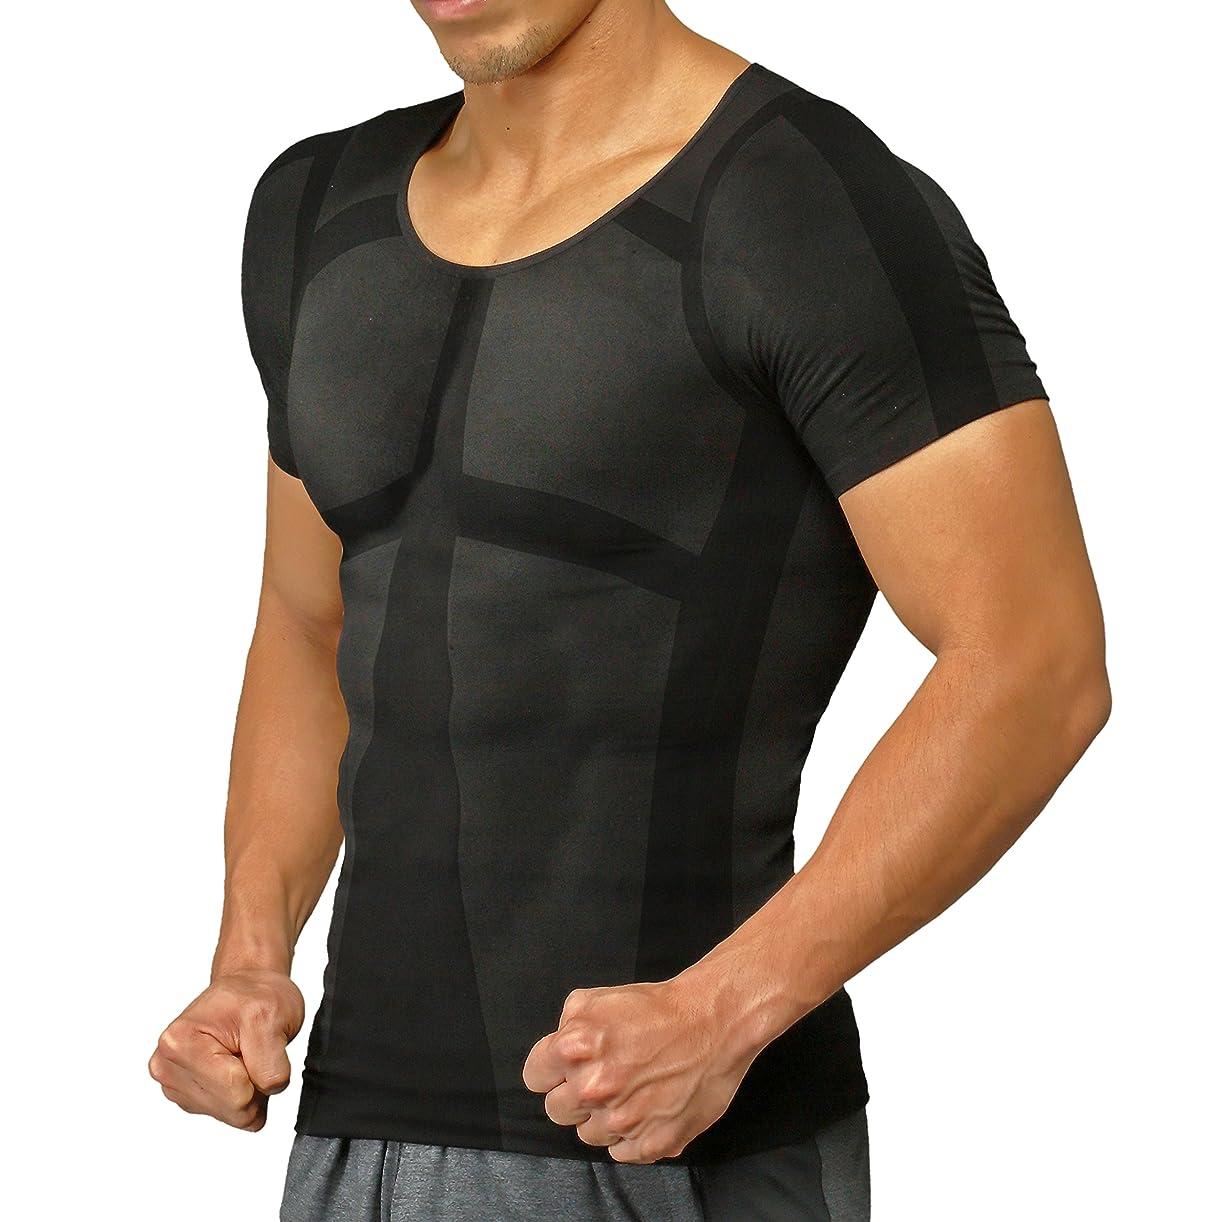 機構さまよう七時半加圧シャツ ヒロミプロデュース パンプマッスルビルダーTシャツ(Lサイズ/ブラック)